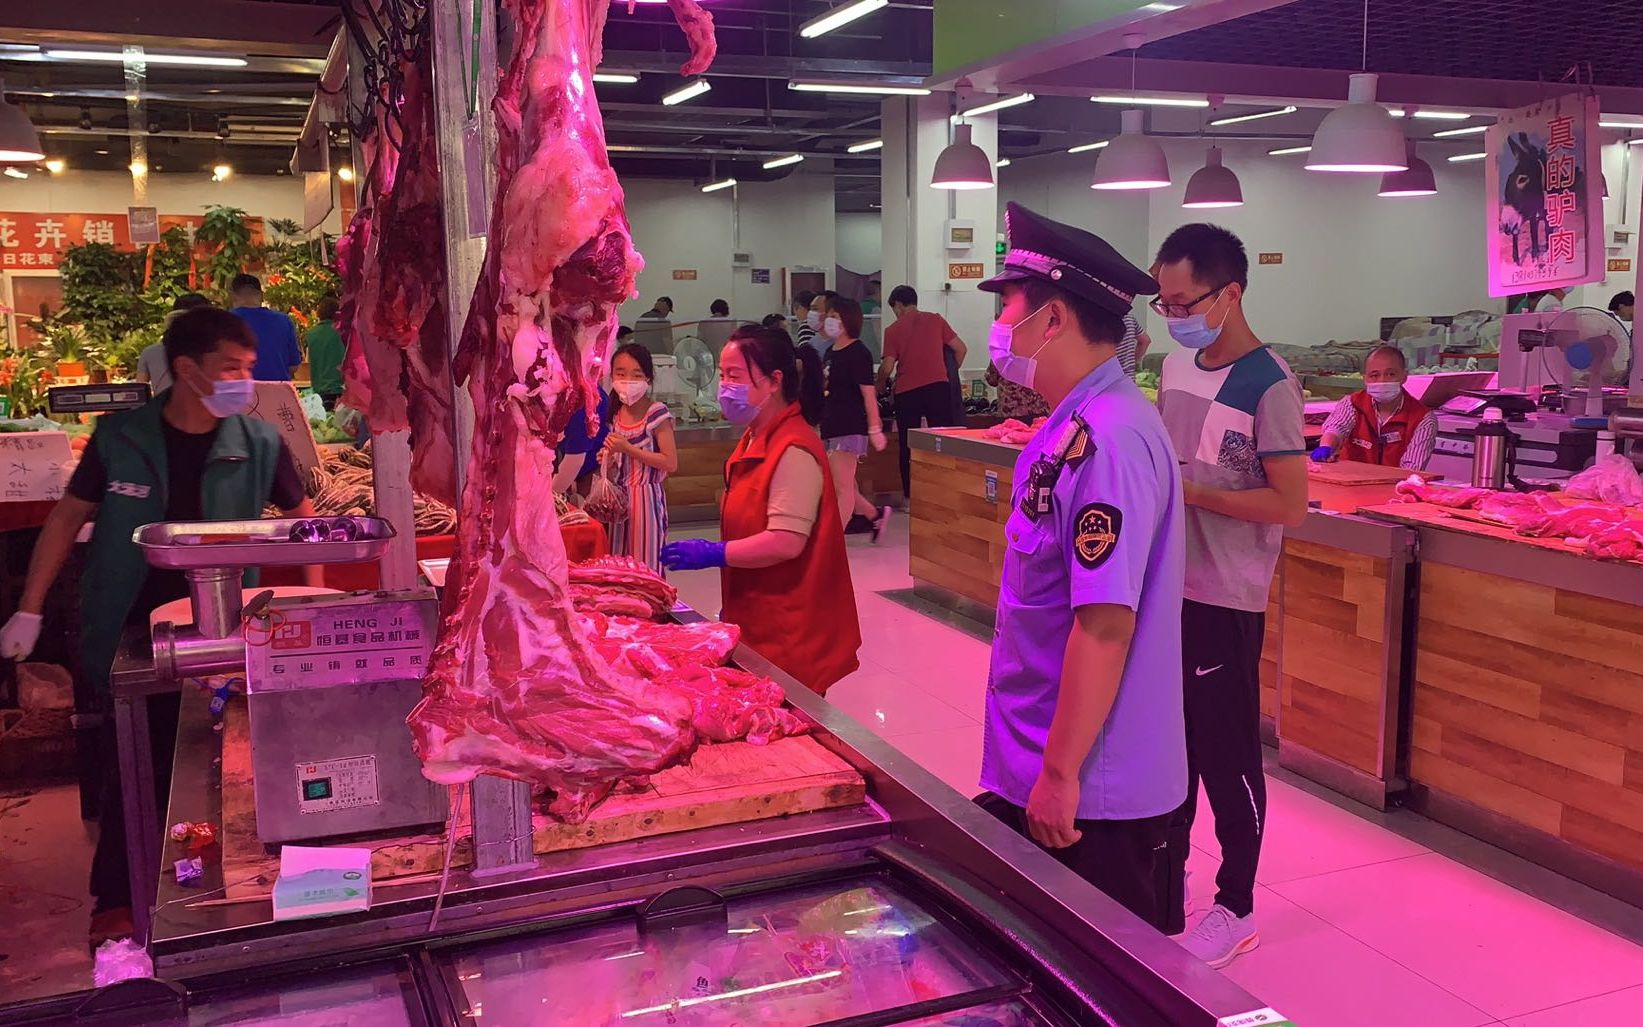 北京农贸市场切断新发地货源 部分市场全员测核酸图片